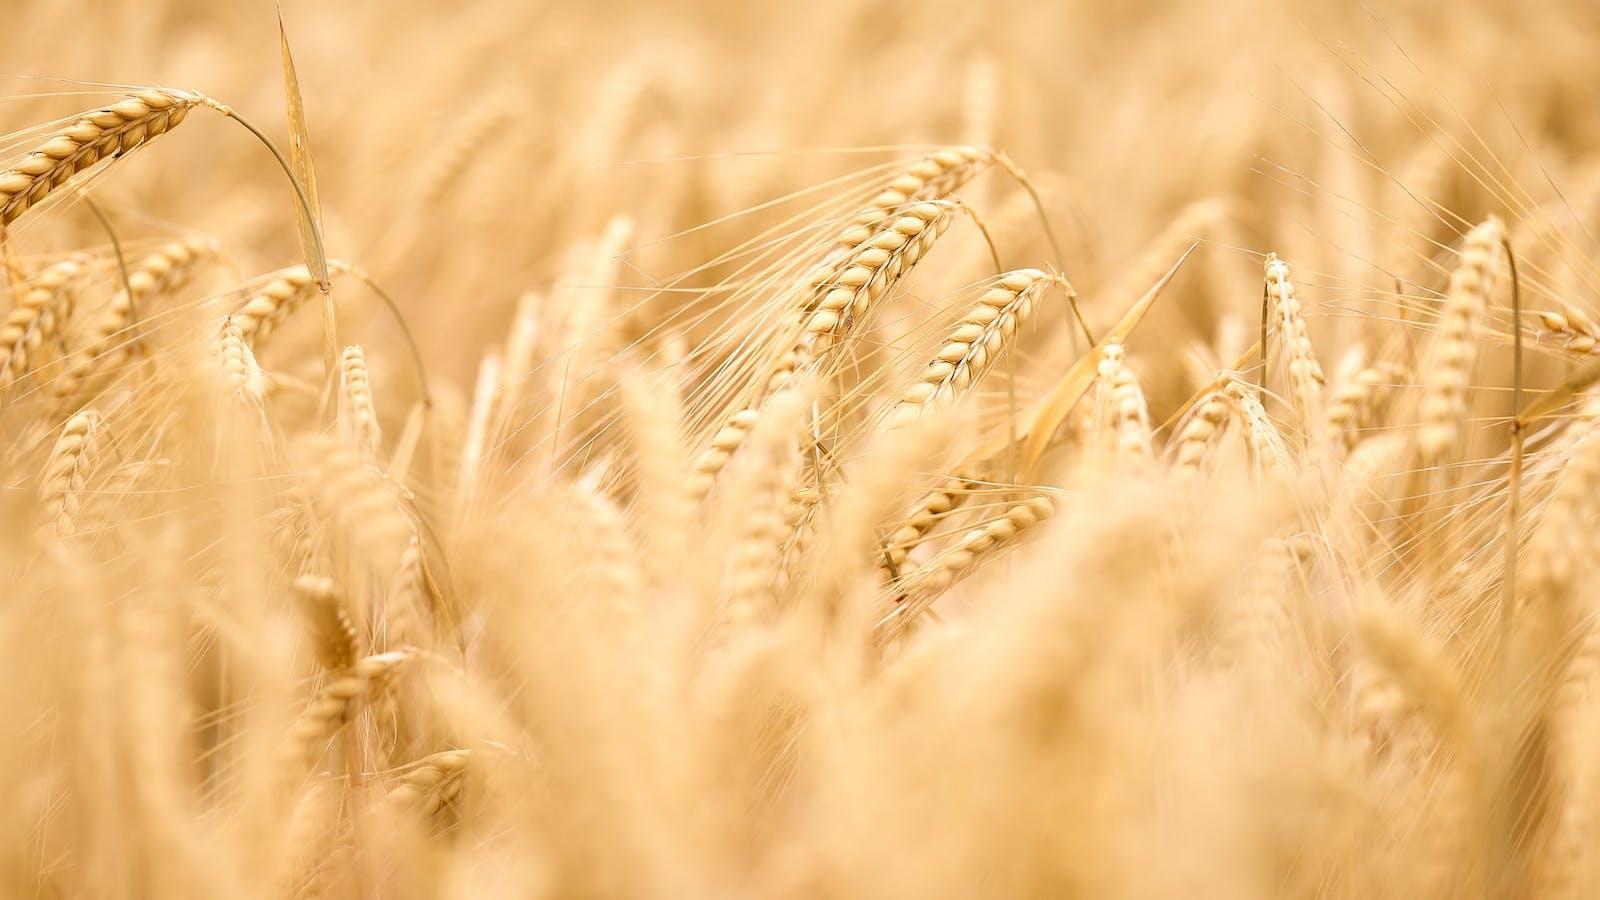 Champ de blé en couleurs